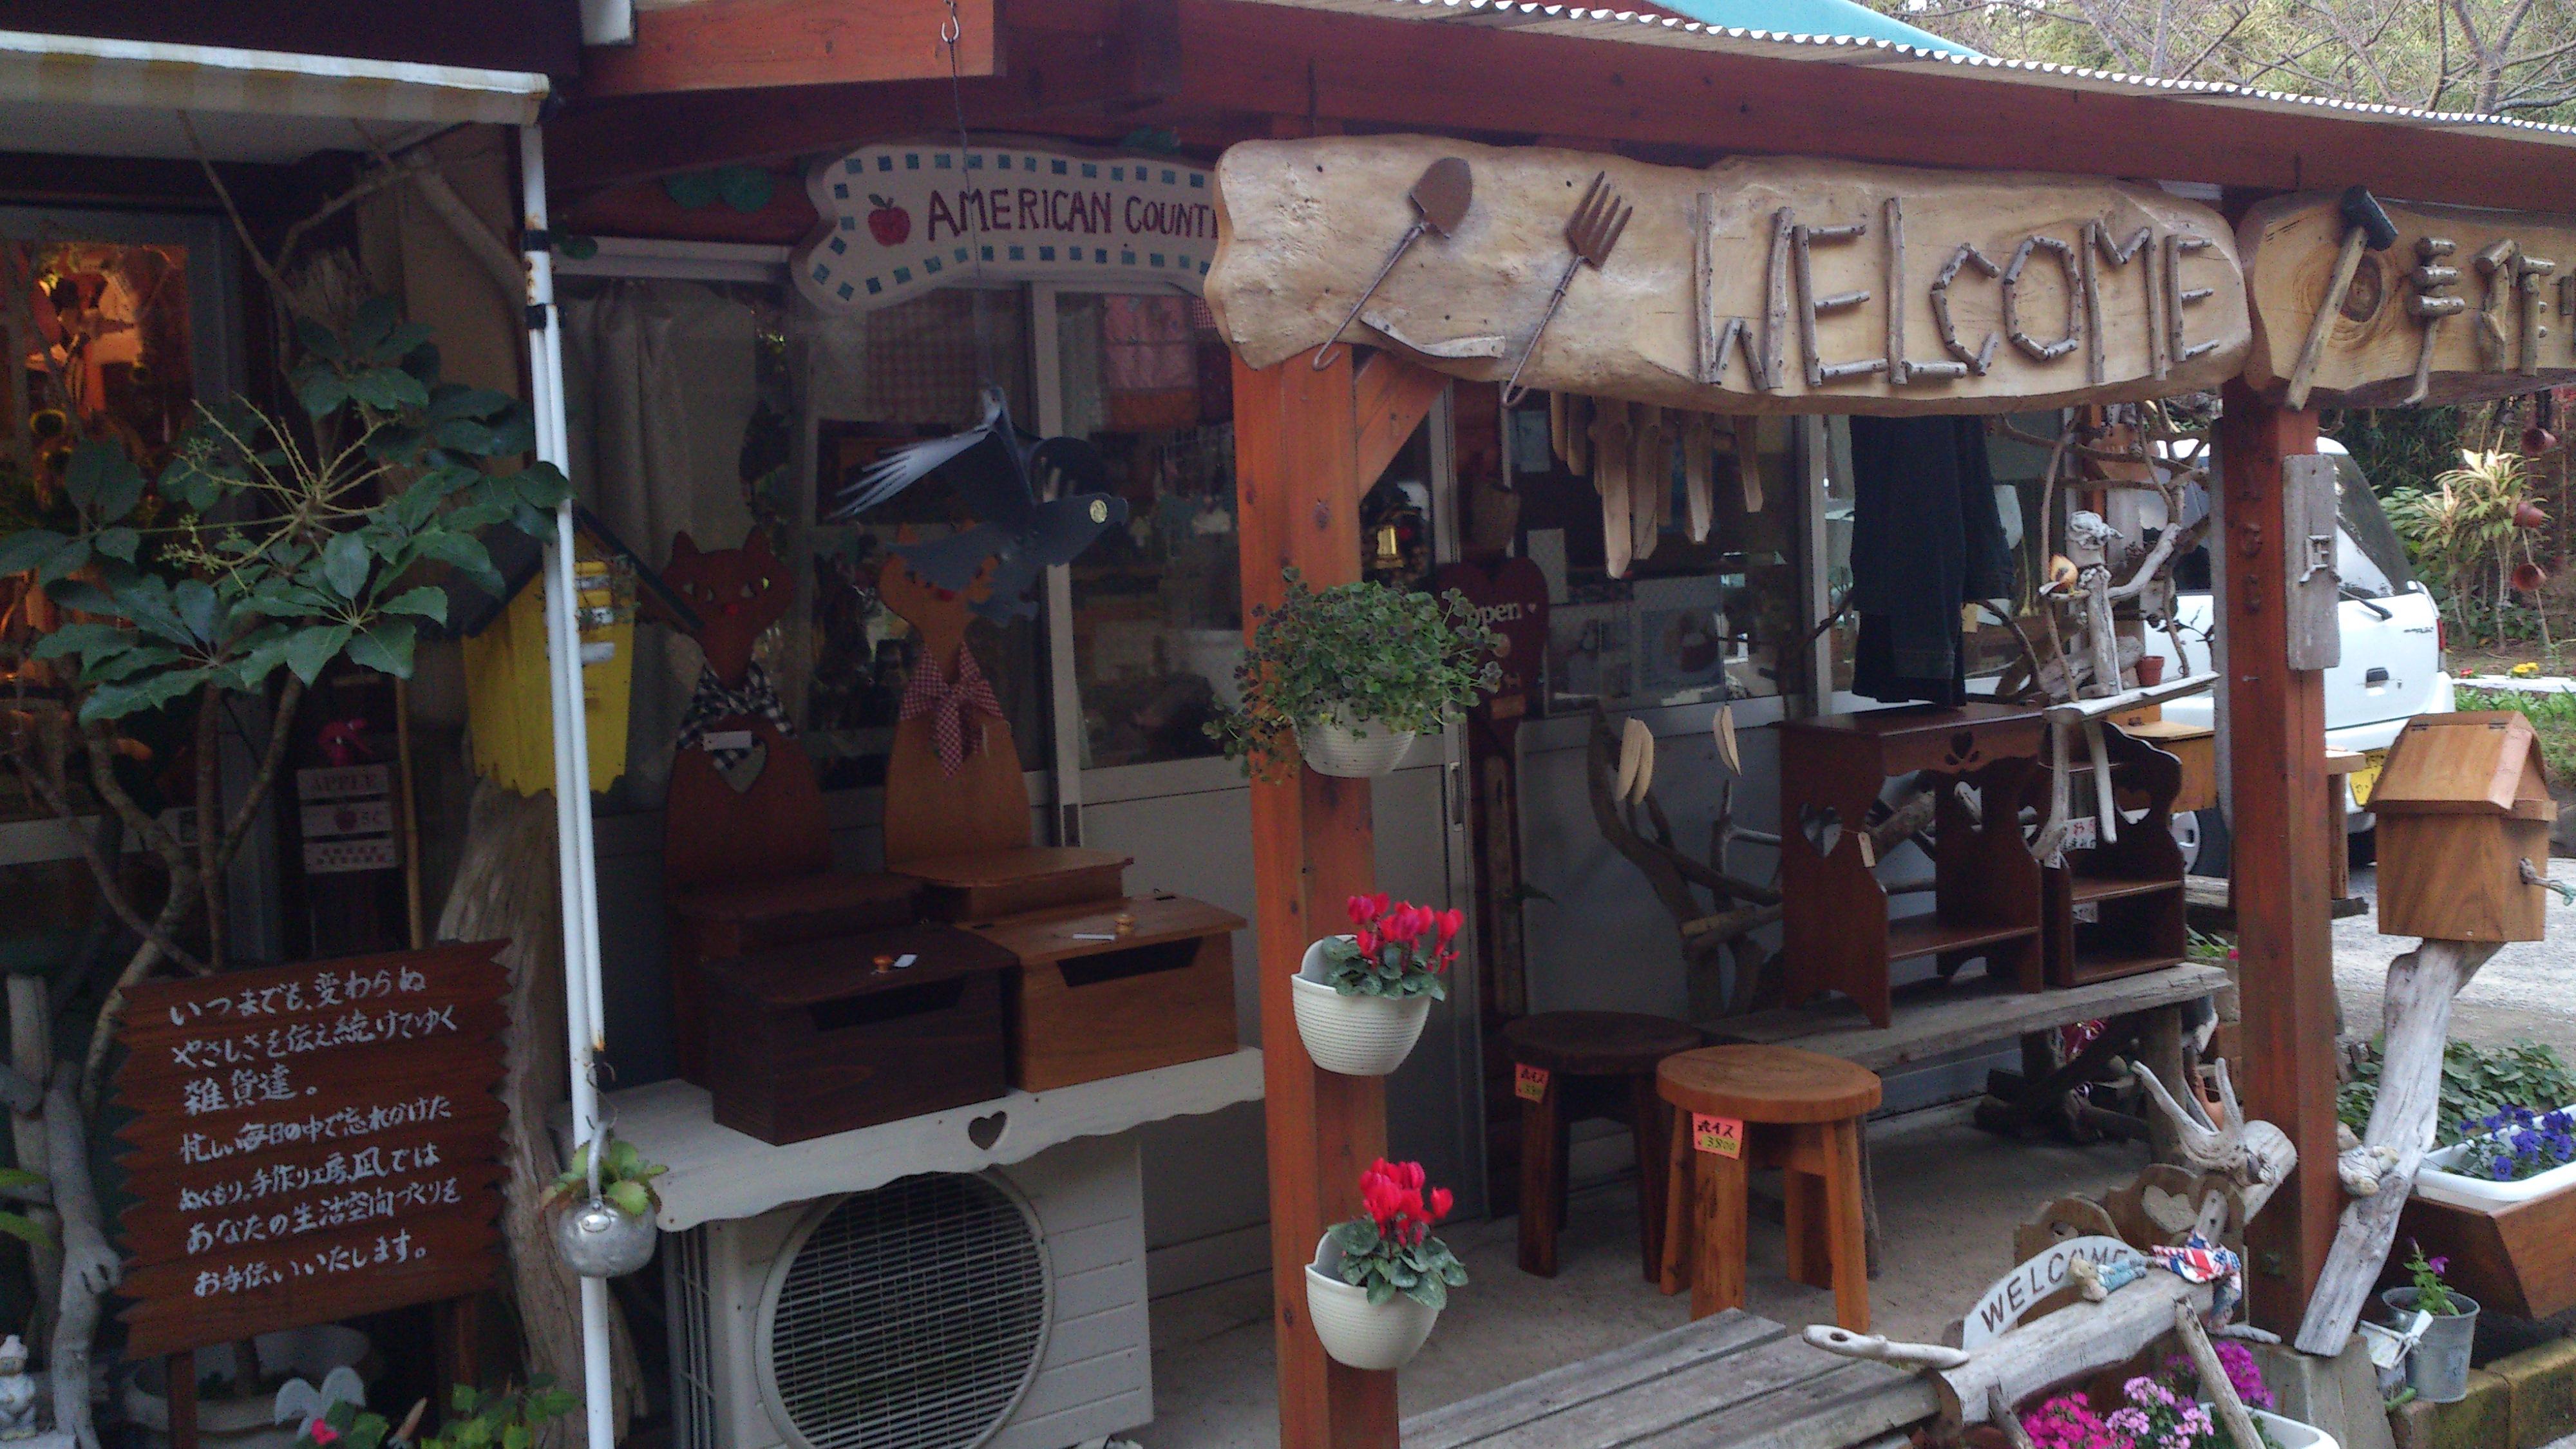 2012年12月。僕は種子島を一人で旅した:種子島の雑貨屋